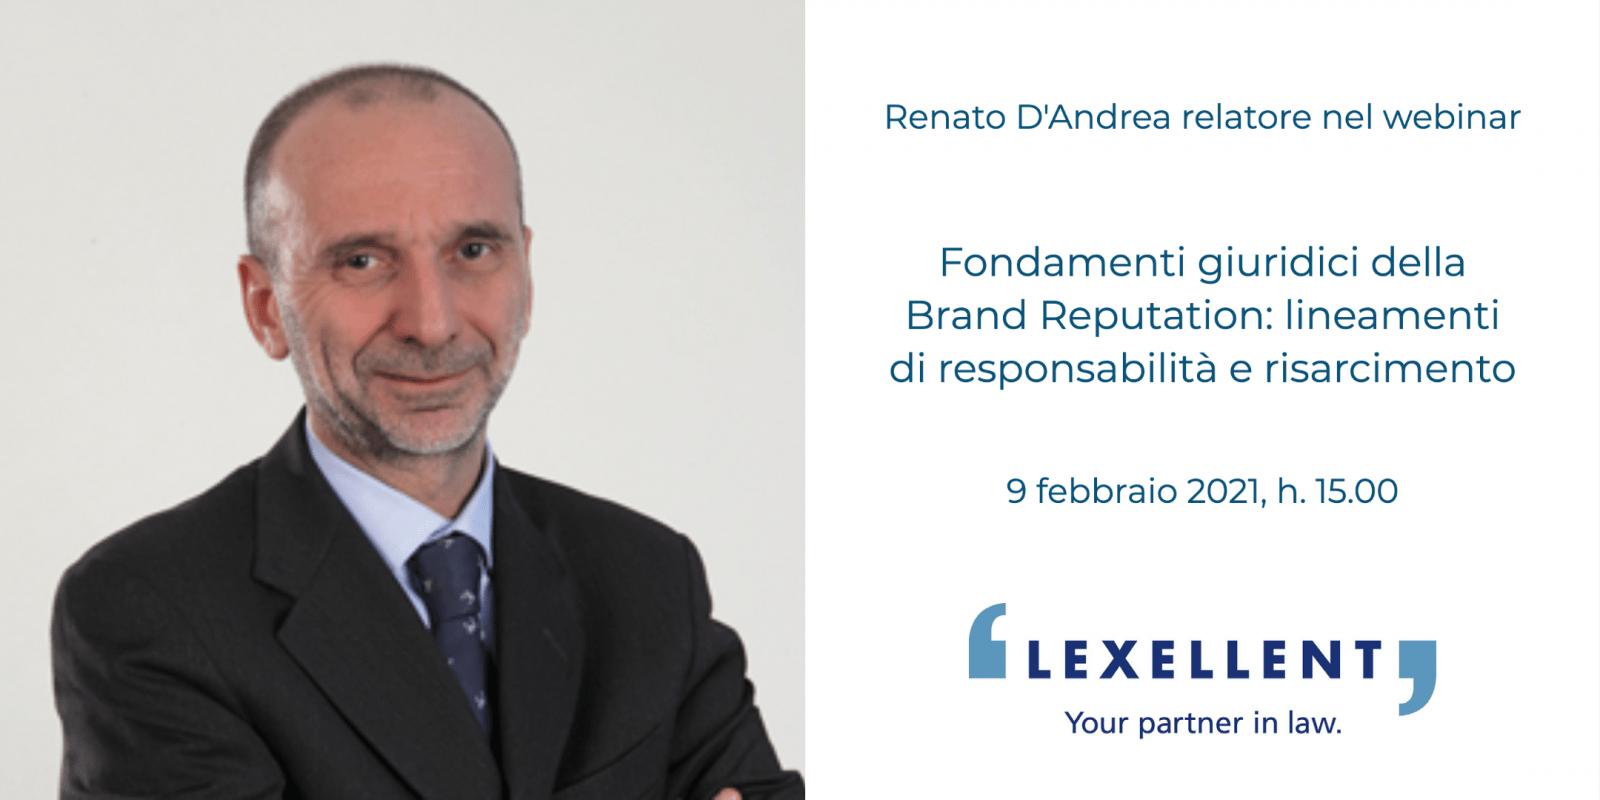 """Webinar """"Fondamenti giuridici della brand reputation: lineamenti di responsabilità e risarcimento"""", Renato D'Andrea tra i relatori"""